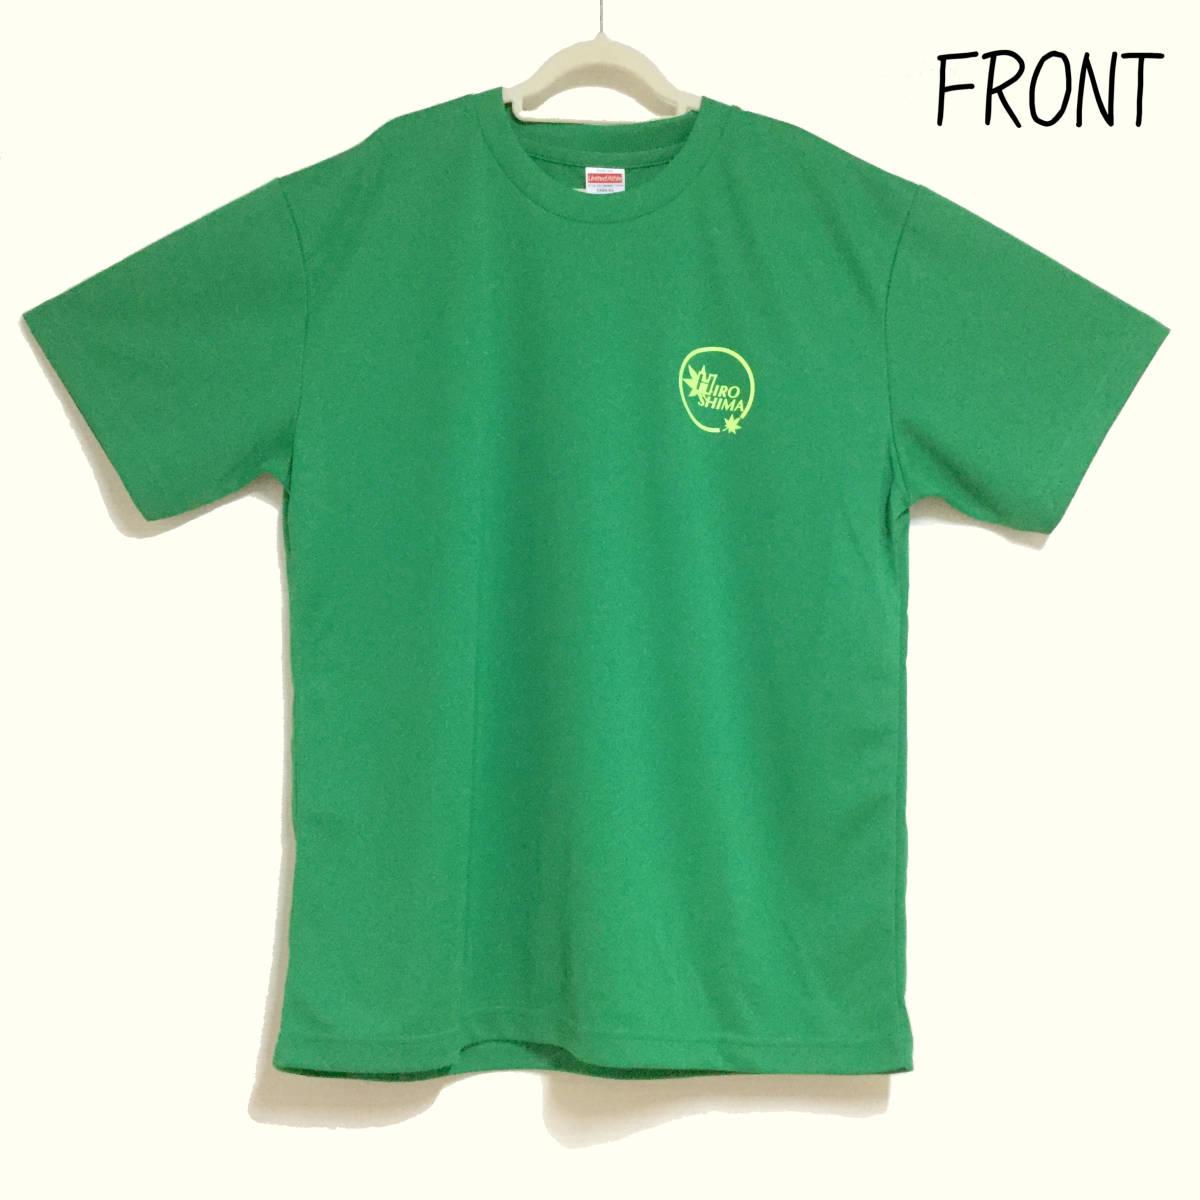 ドライTシャツ 広島ロゴ グリーン生地 XLサイズ